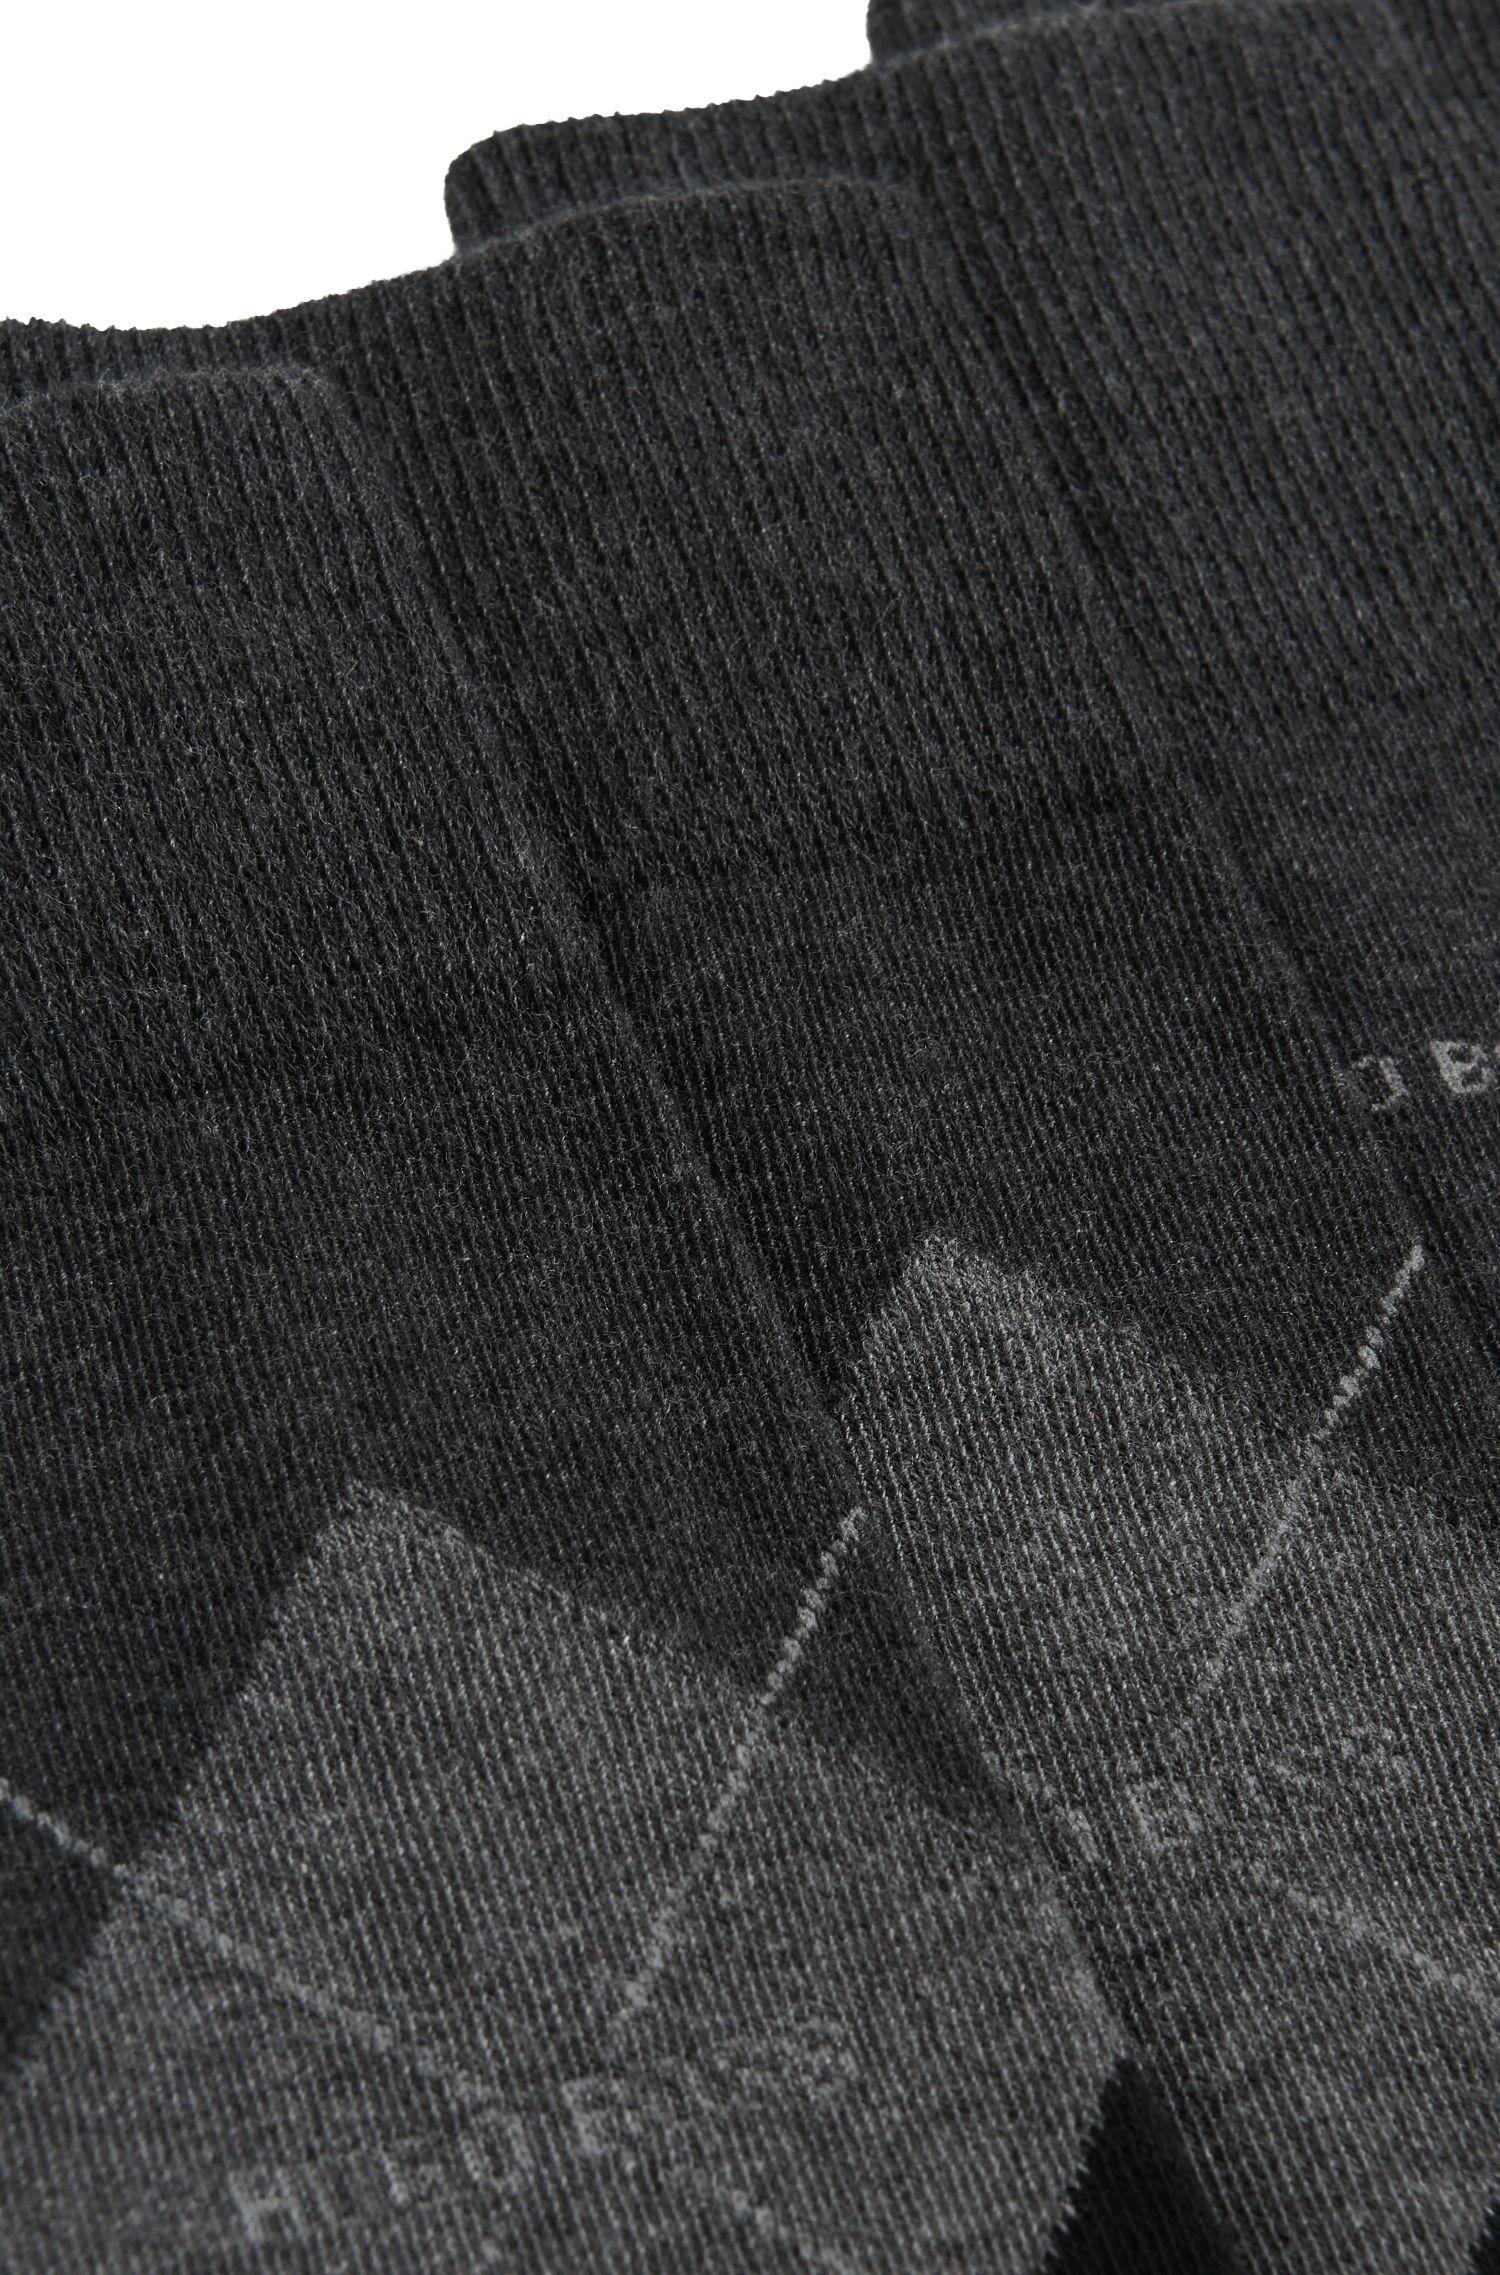 Zweier-Pack unifarbene und gemusterte mittelhohe Socken aus gekämmtem Baumwoll-Mix